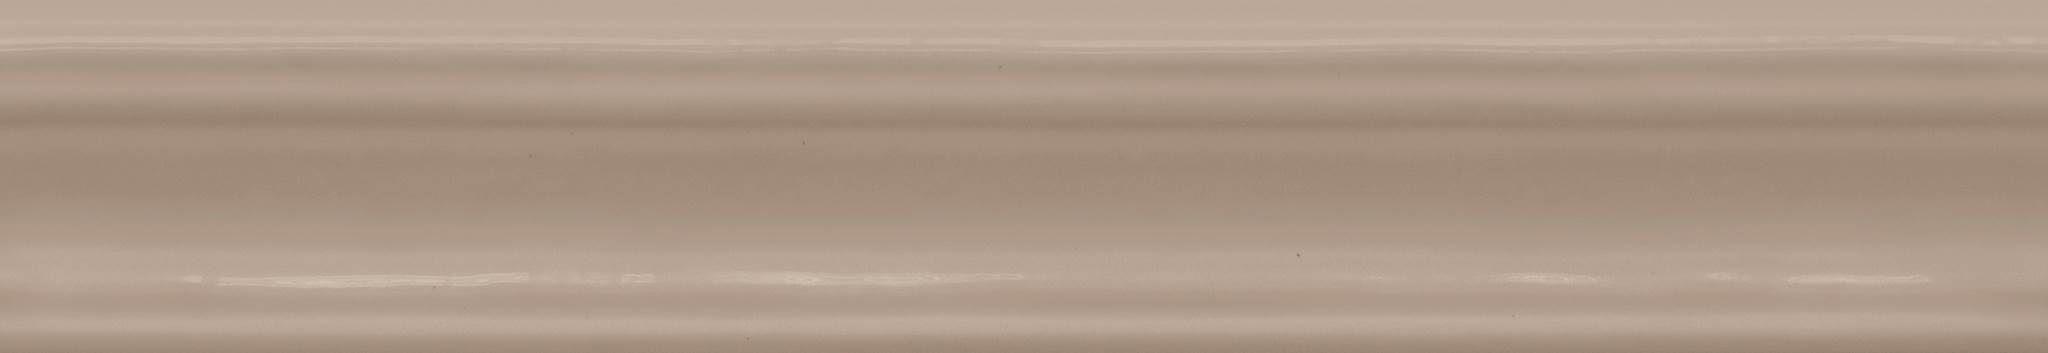 Купить Керамическая плитка Cifre Opal Mold. Vison бордюр 5x30, Cifre Ceramica, Испания